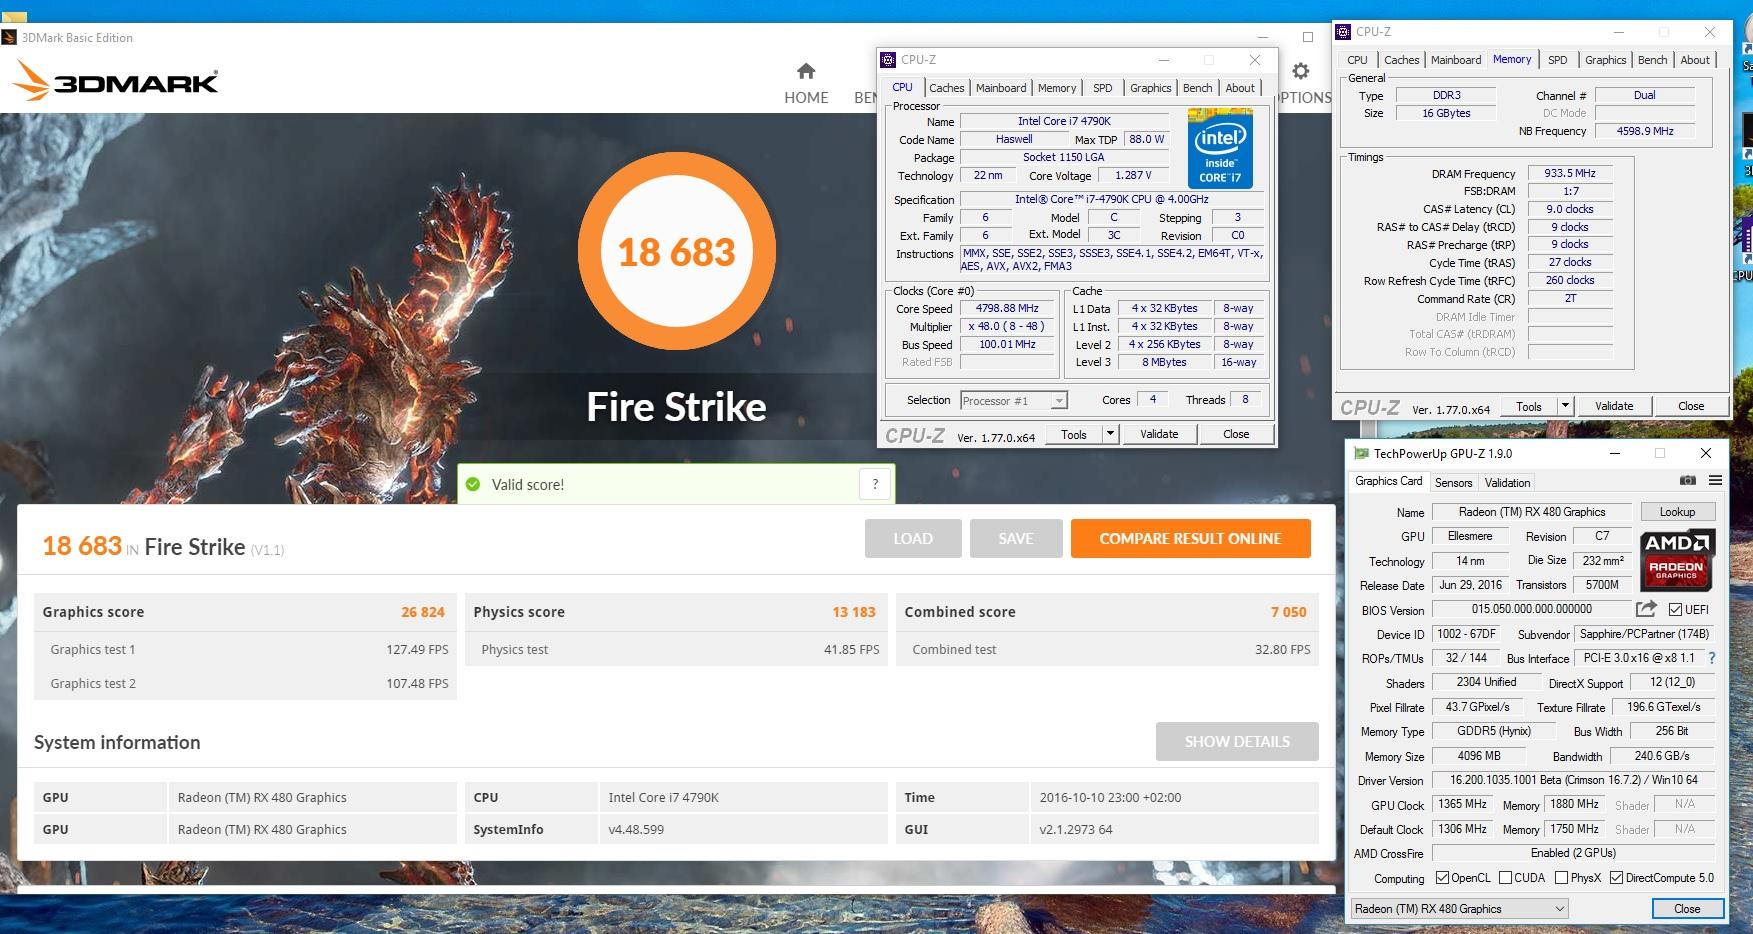 JaxxGTA`s 3DMark - Fire Strike score: 18683 marks with a Radeon RX 480